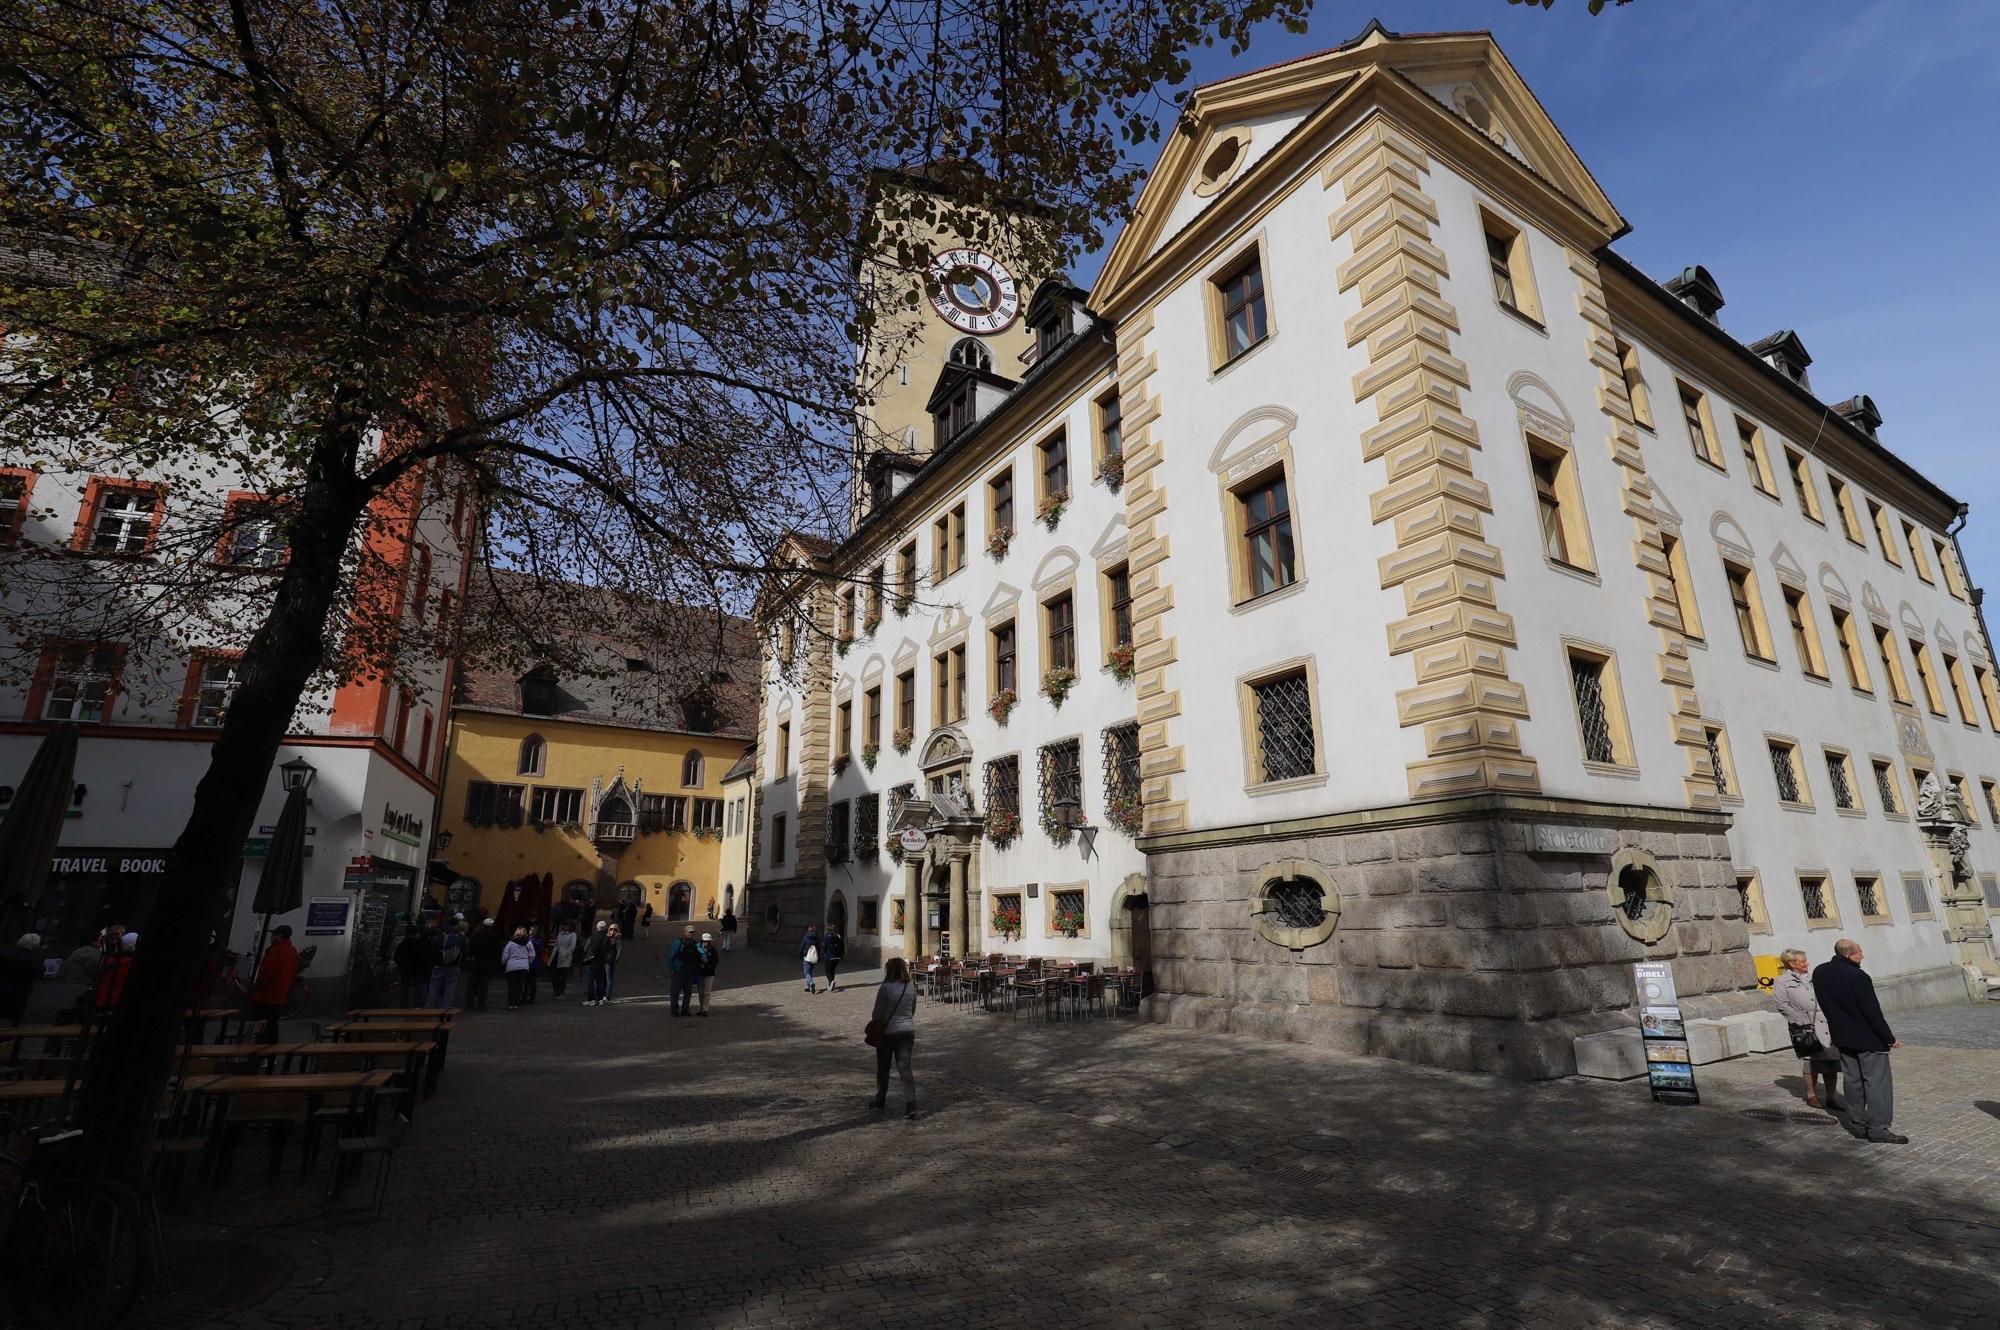 Ratskeller und altes Rathaus - keine 50 Meter entfernt